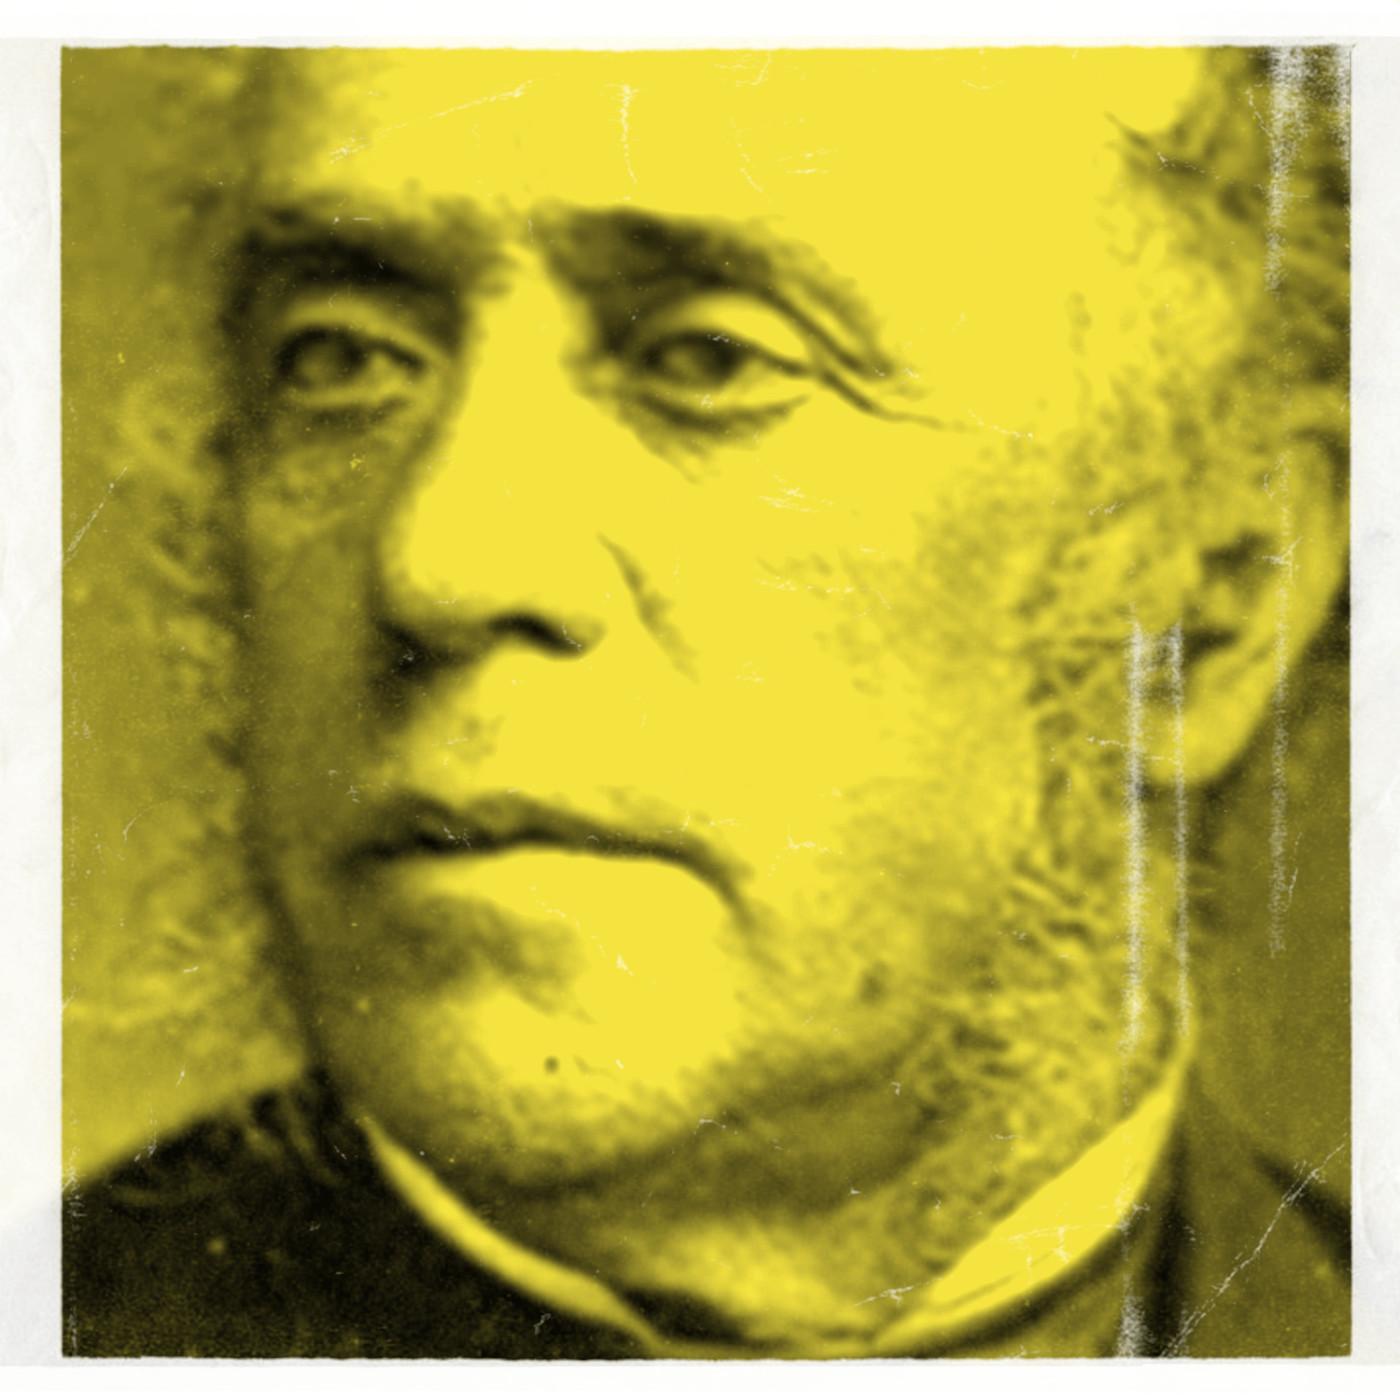 #17 - Thomas Cook ou l'entreprenariat au service de ses convictions